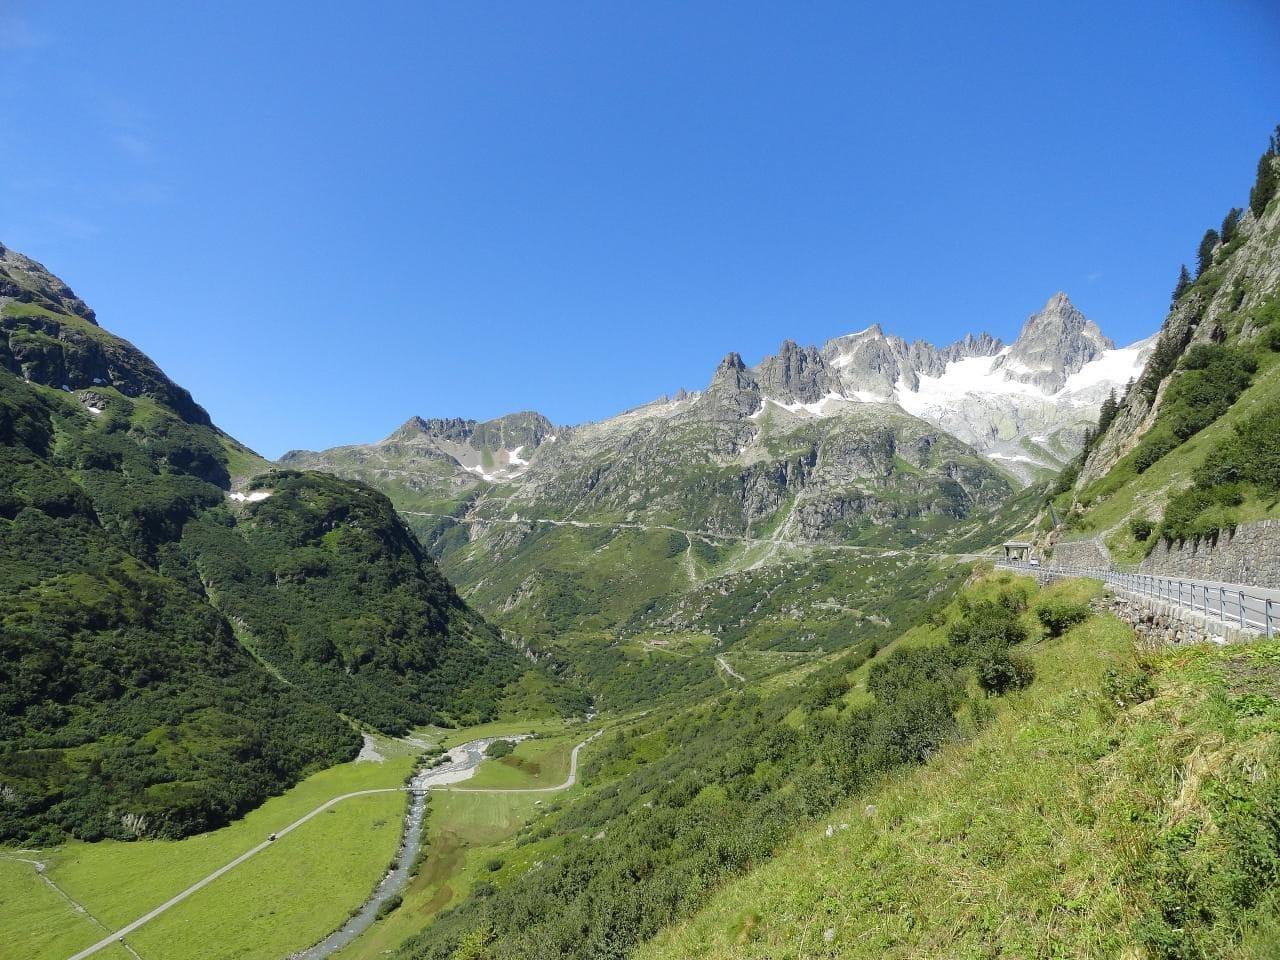 스위스 자동차 여행, 마이엔로이스(Meienreuss)강이 흐르는 계곡을 따라 달리는 수스텐 패스(Susten PASS), Image - Adrian Michael